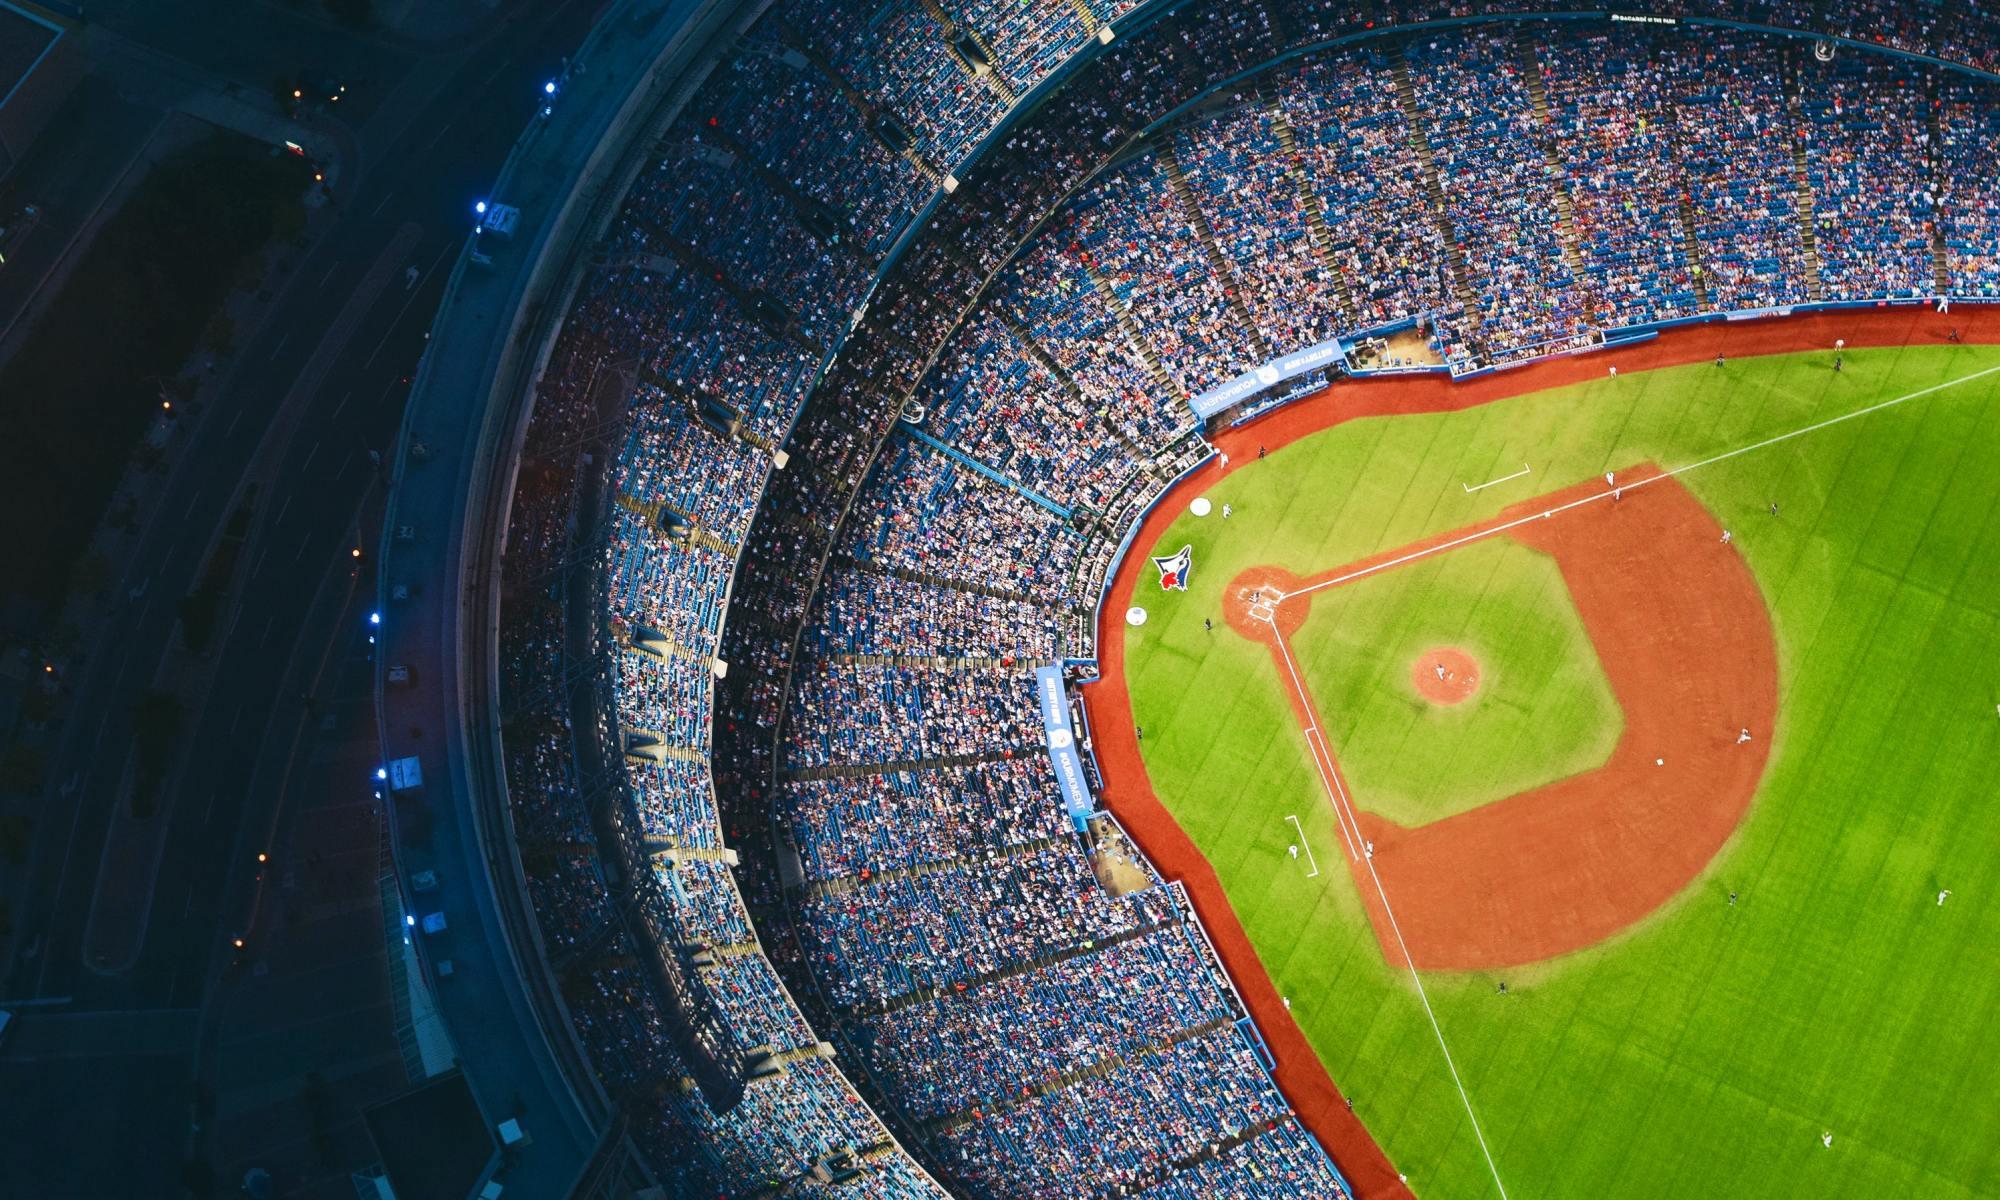 stadium aerial image